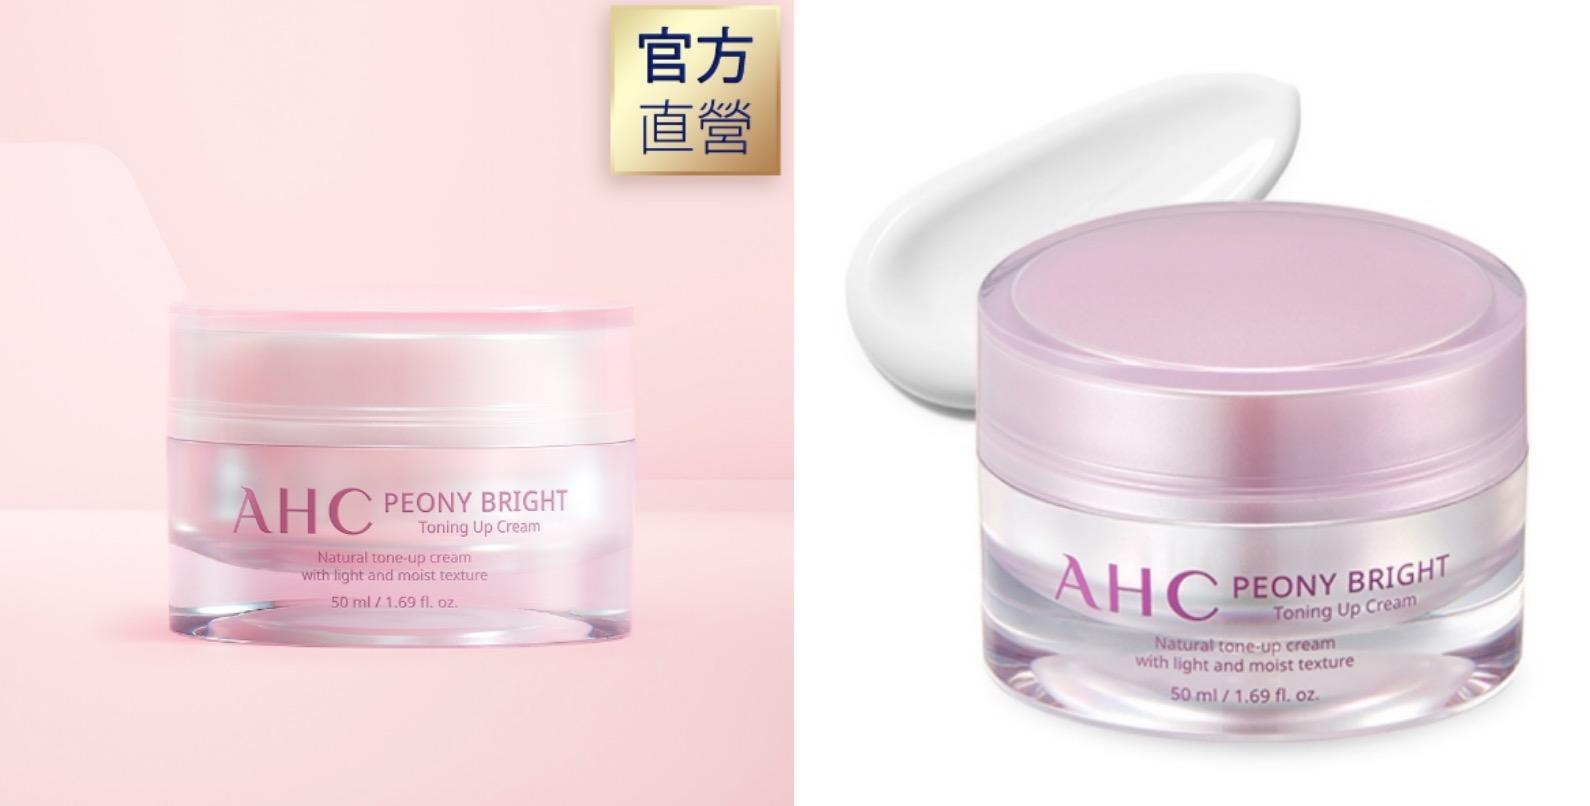 專為暗沉、疲憊肌膚設計,在底妝前使用能幫助妝容更服貼,早晚使用能讓肌膚24小時透出明亮光采,展現自然明亮好氣色。